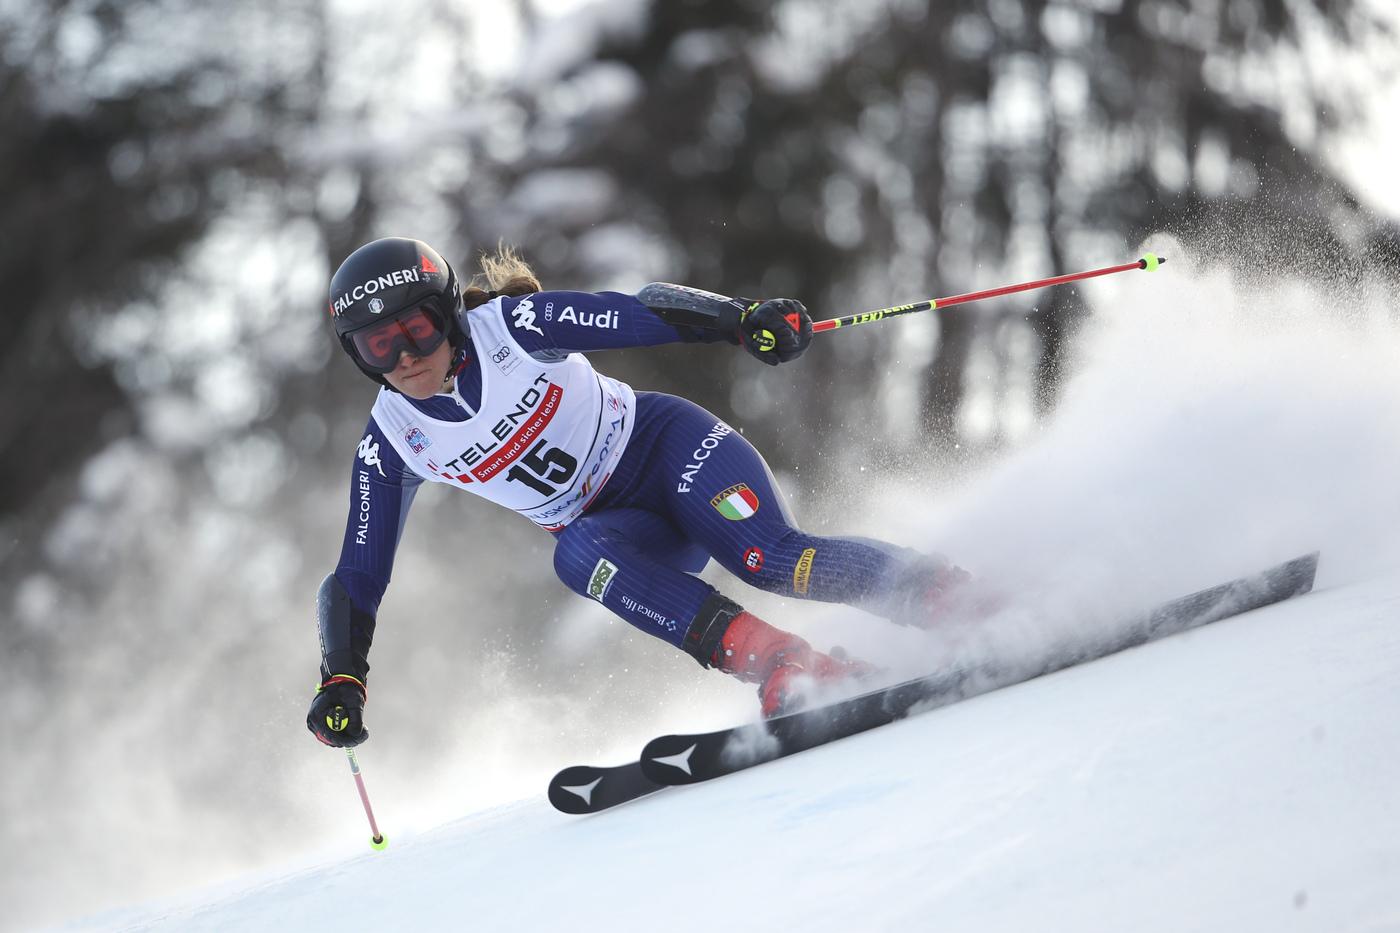 LIVE Sci alpino, Prova Discesa Crans Montana in DIRETTA: riparte la prova dopo una lunga interruzione